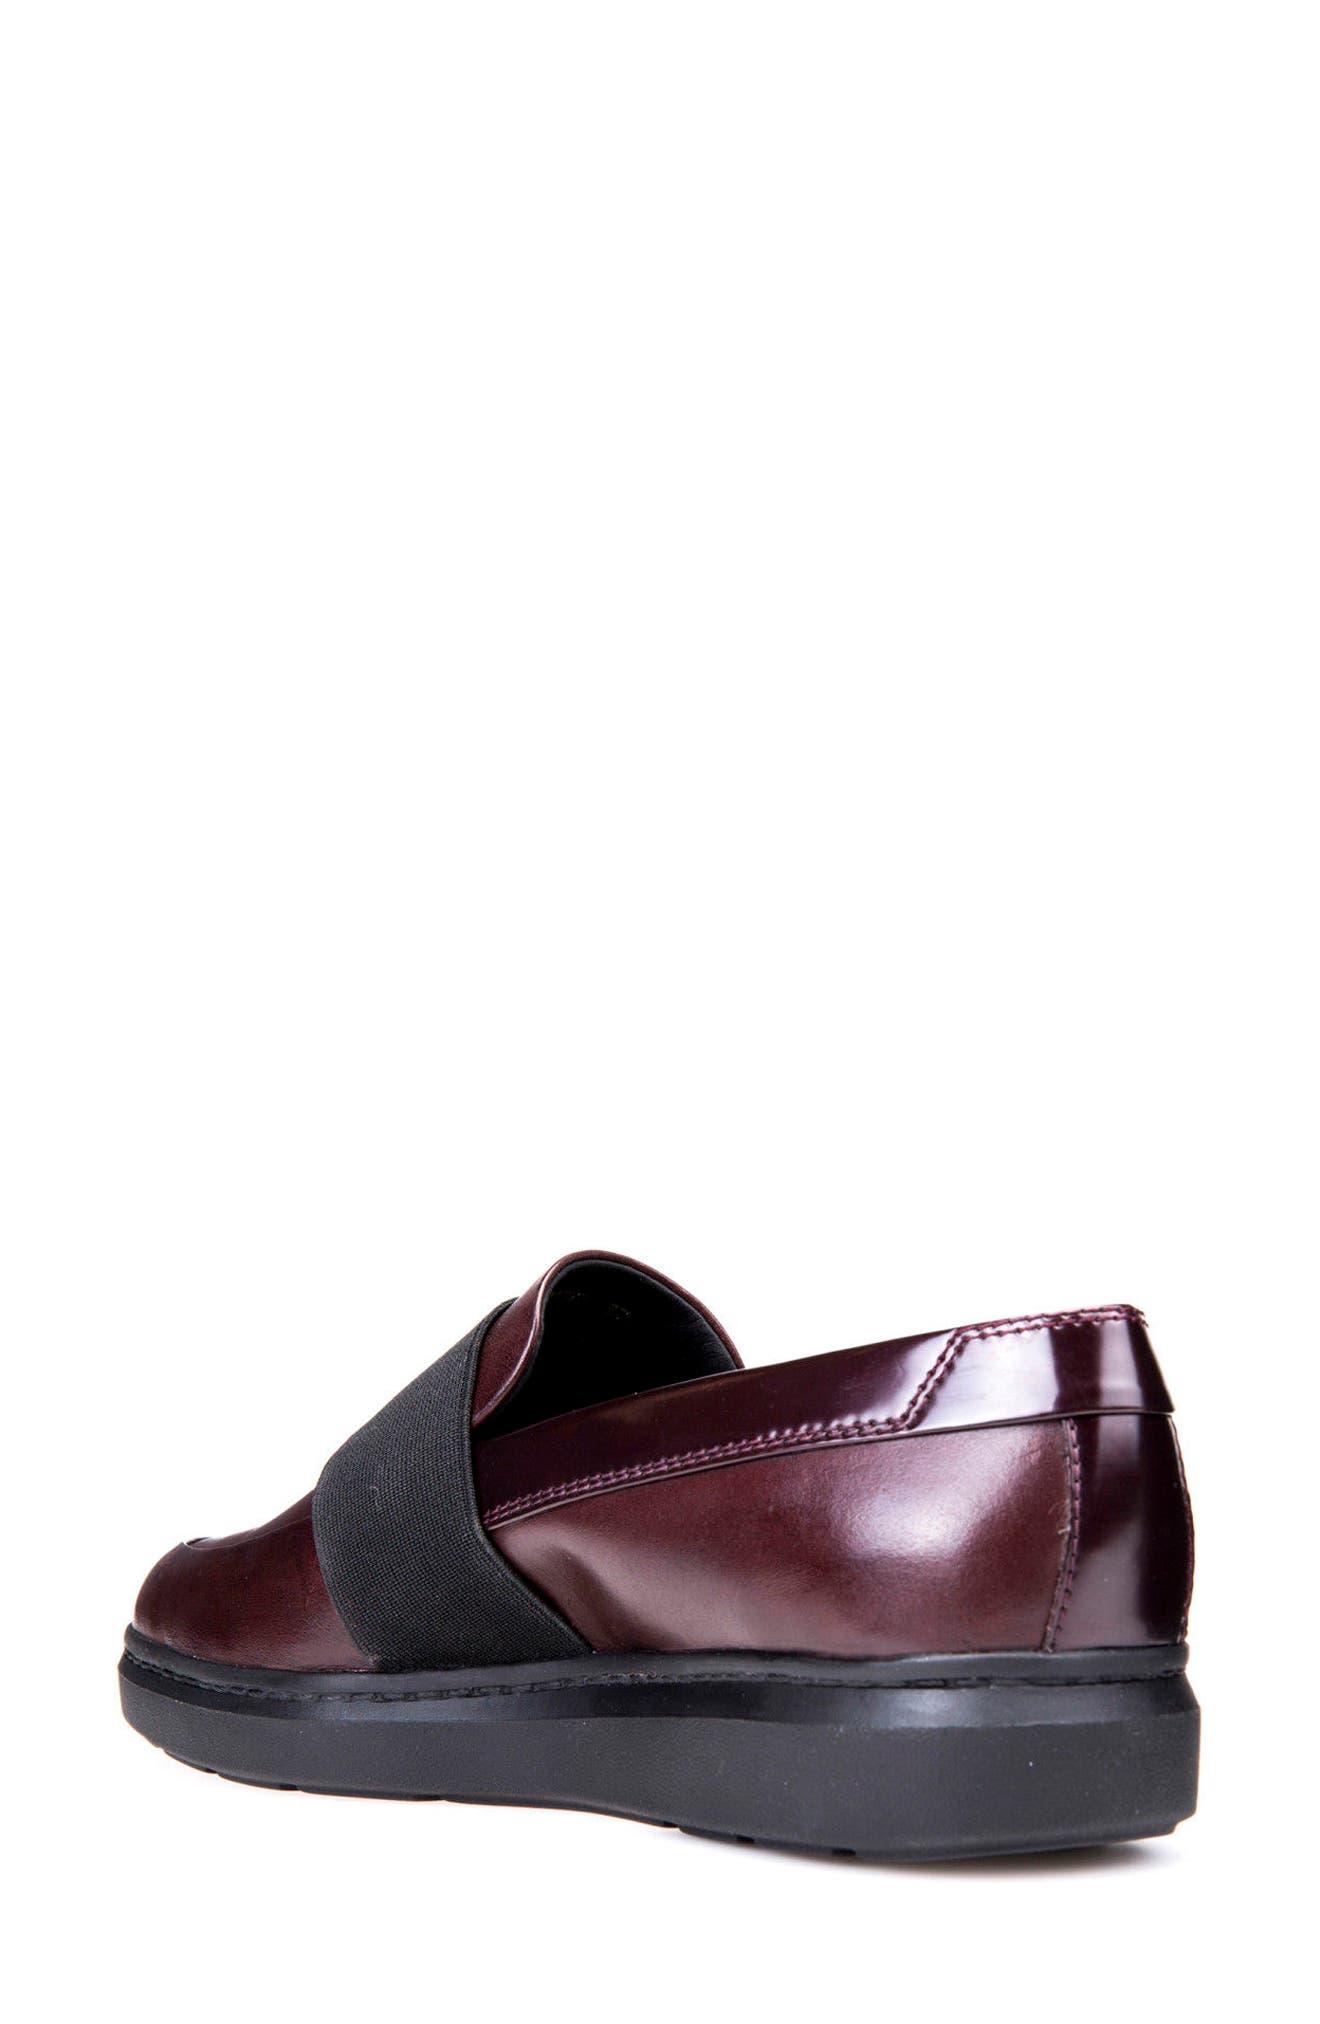 Jerrica Loafer,                             Alternate thumbnail 2, color,                             Dark Burgundy Leather